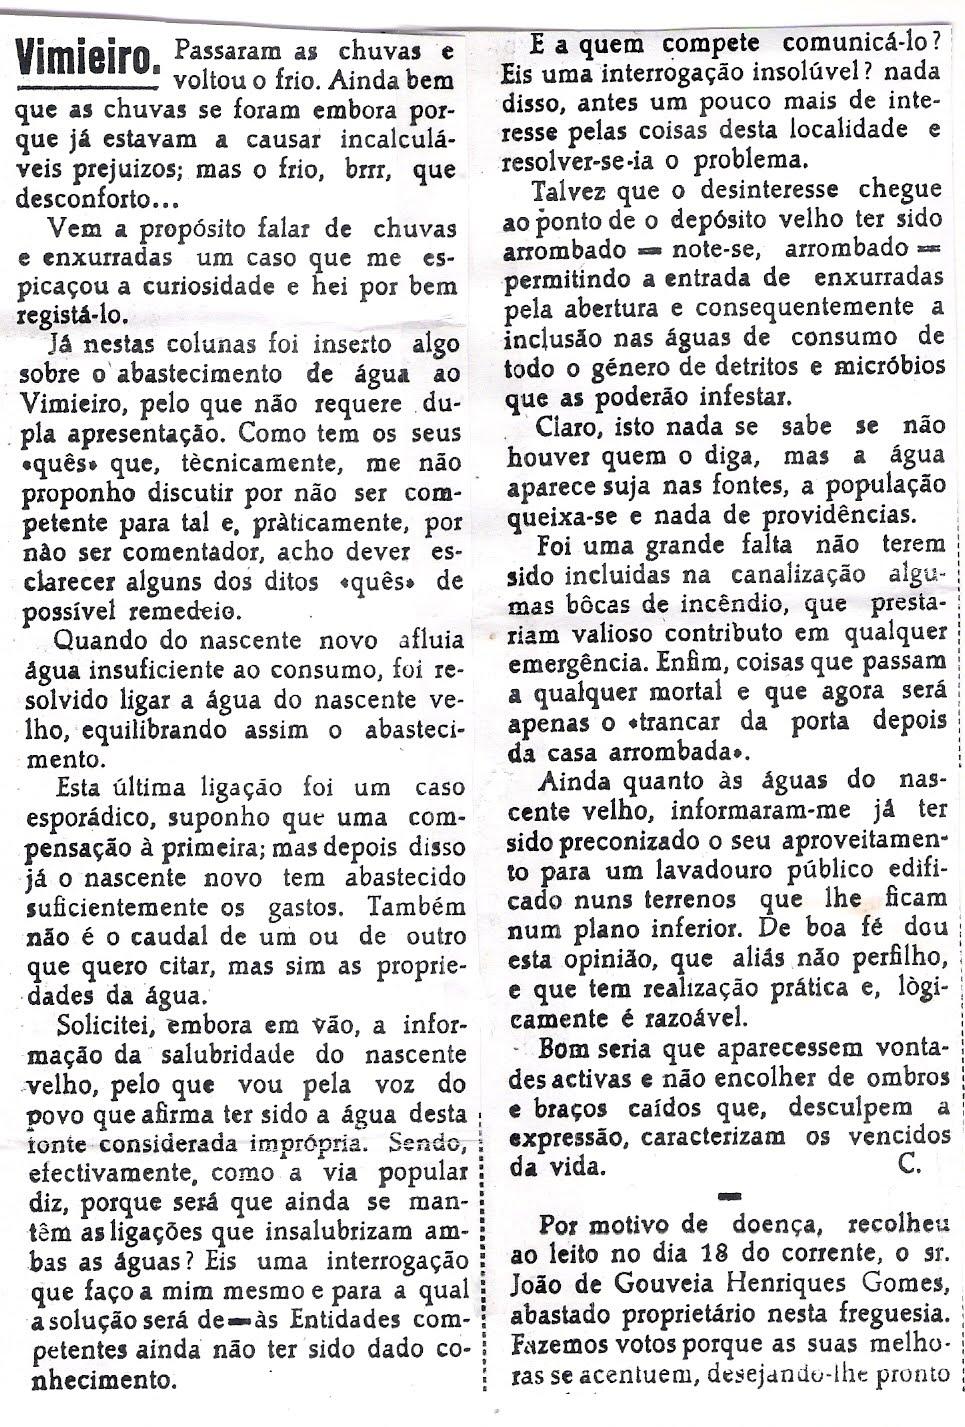 Fontanário do Vimieiro 1950